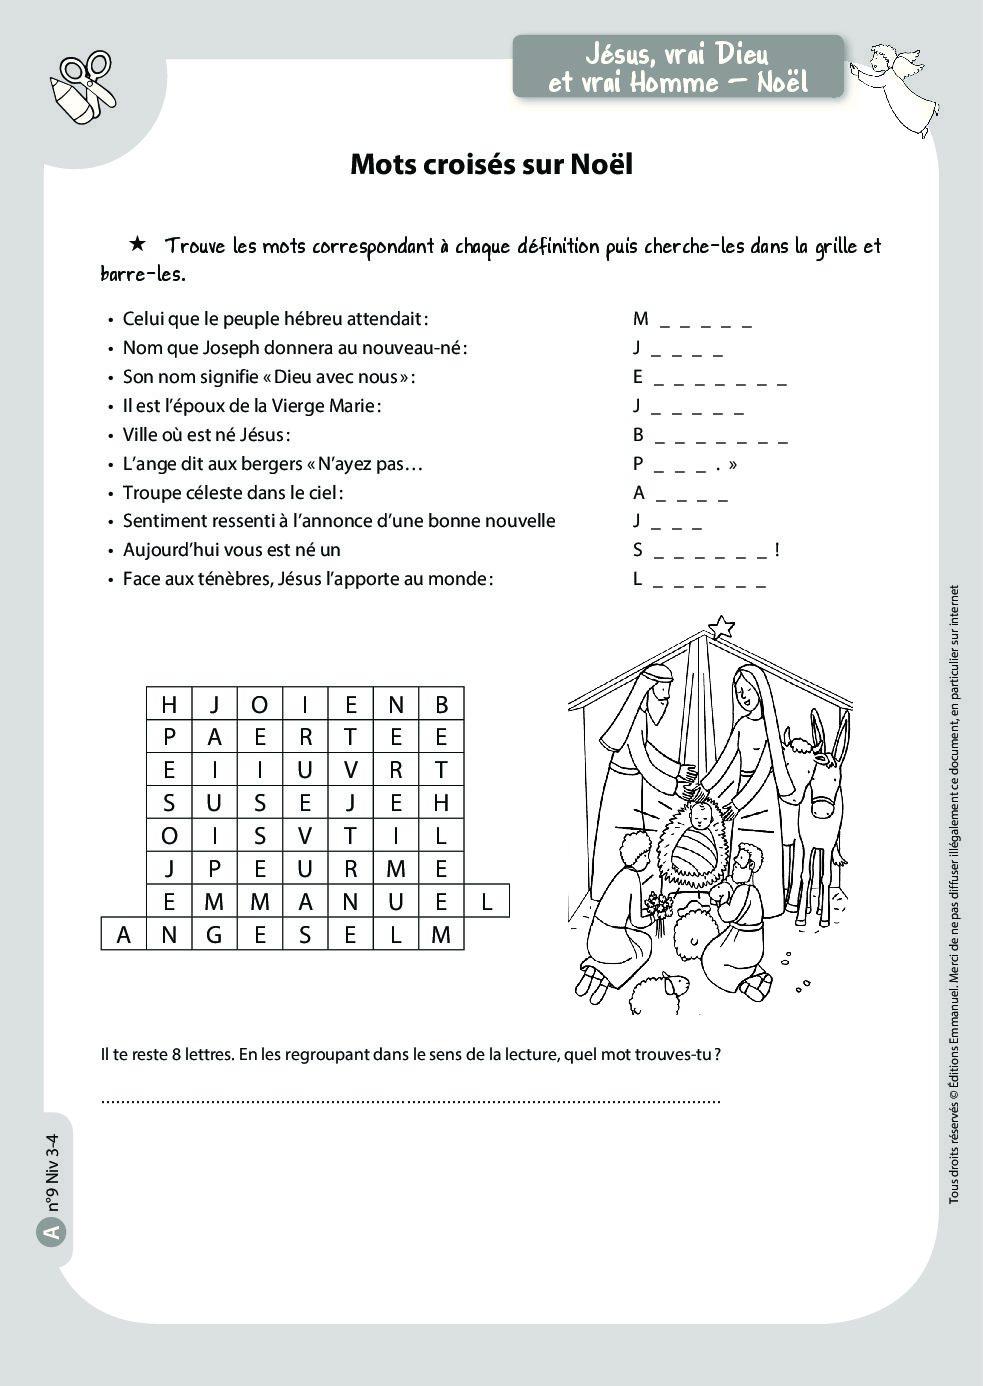 Mots Croisés Sur Noël - Catéchisme Emmanuel destiné Mots Croisés A Imprimer Gratuit